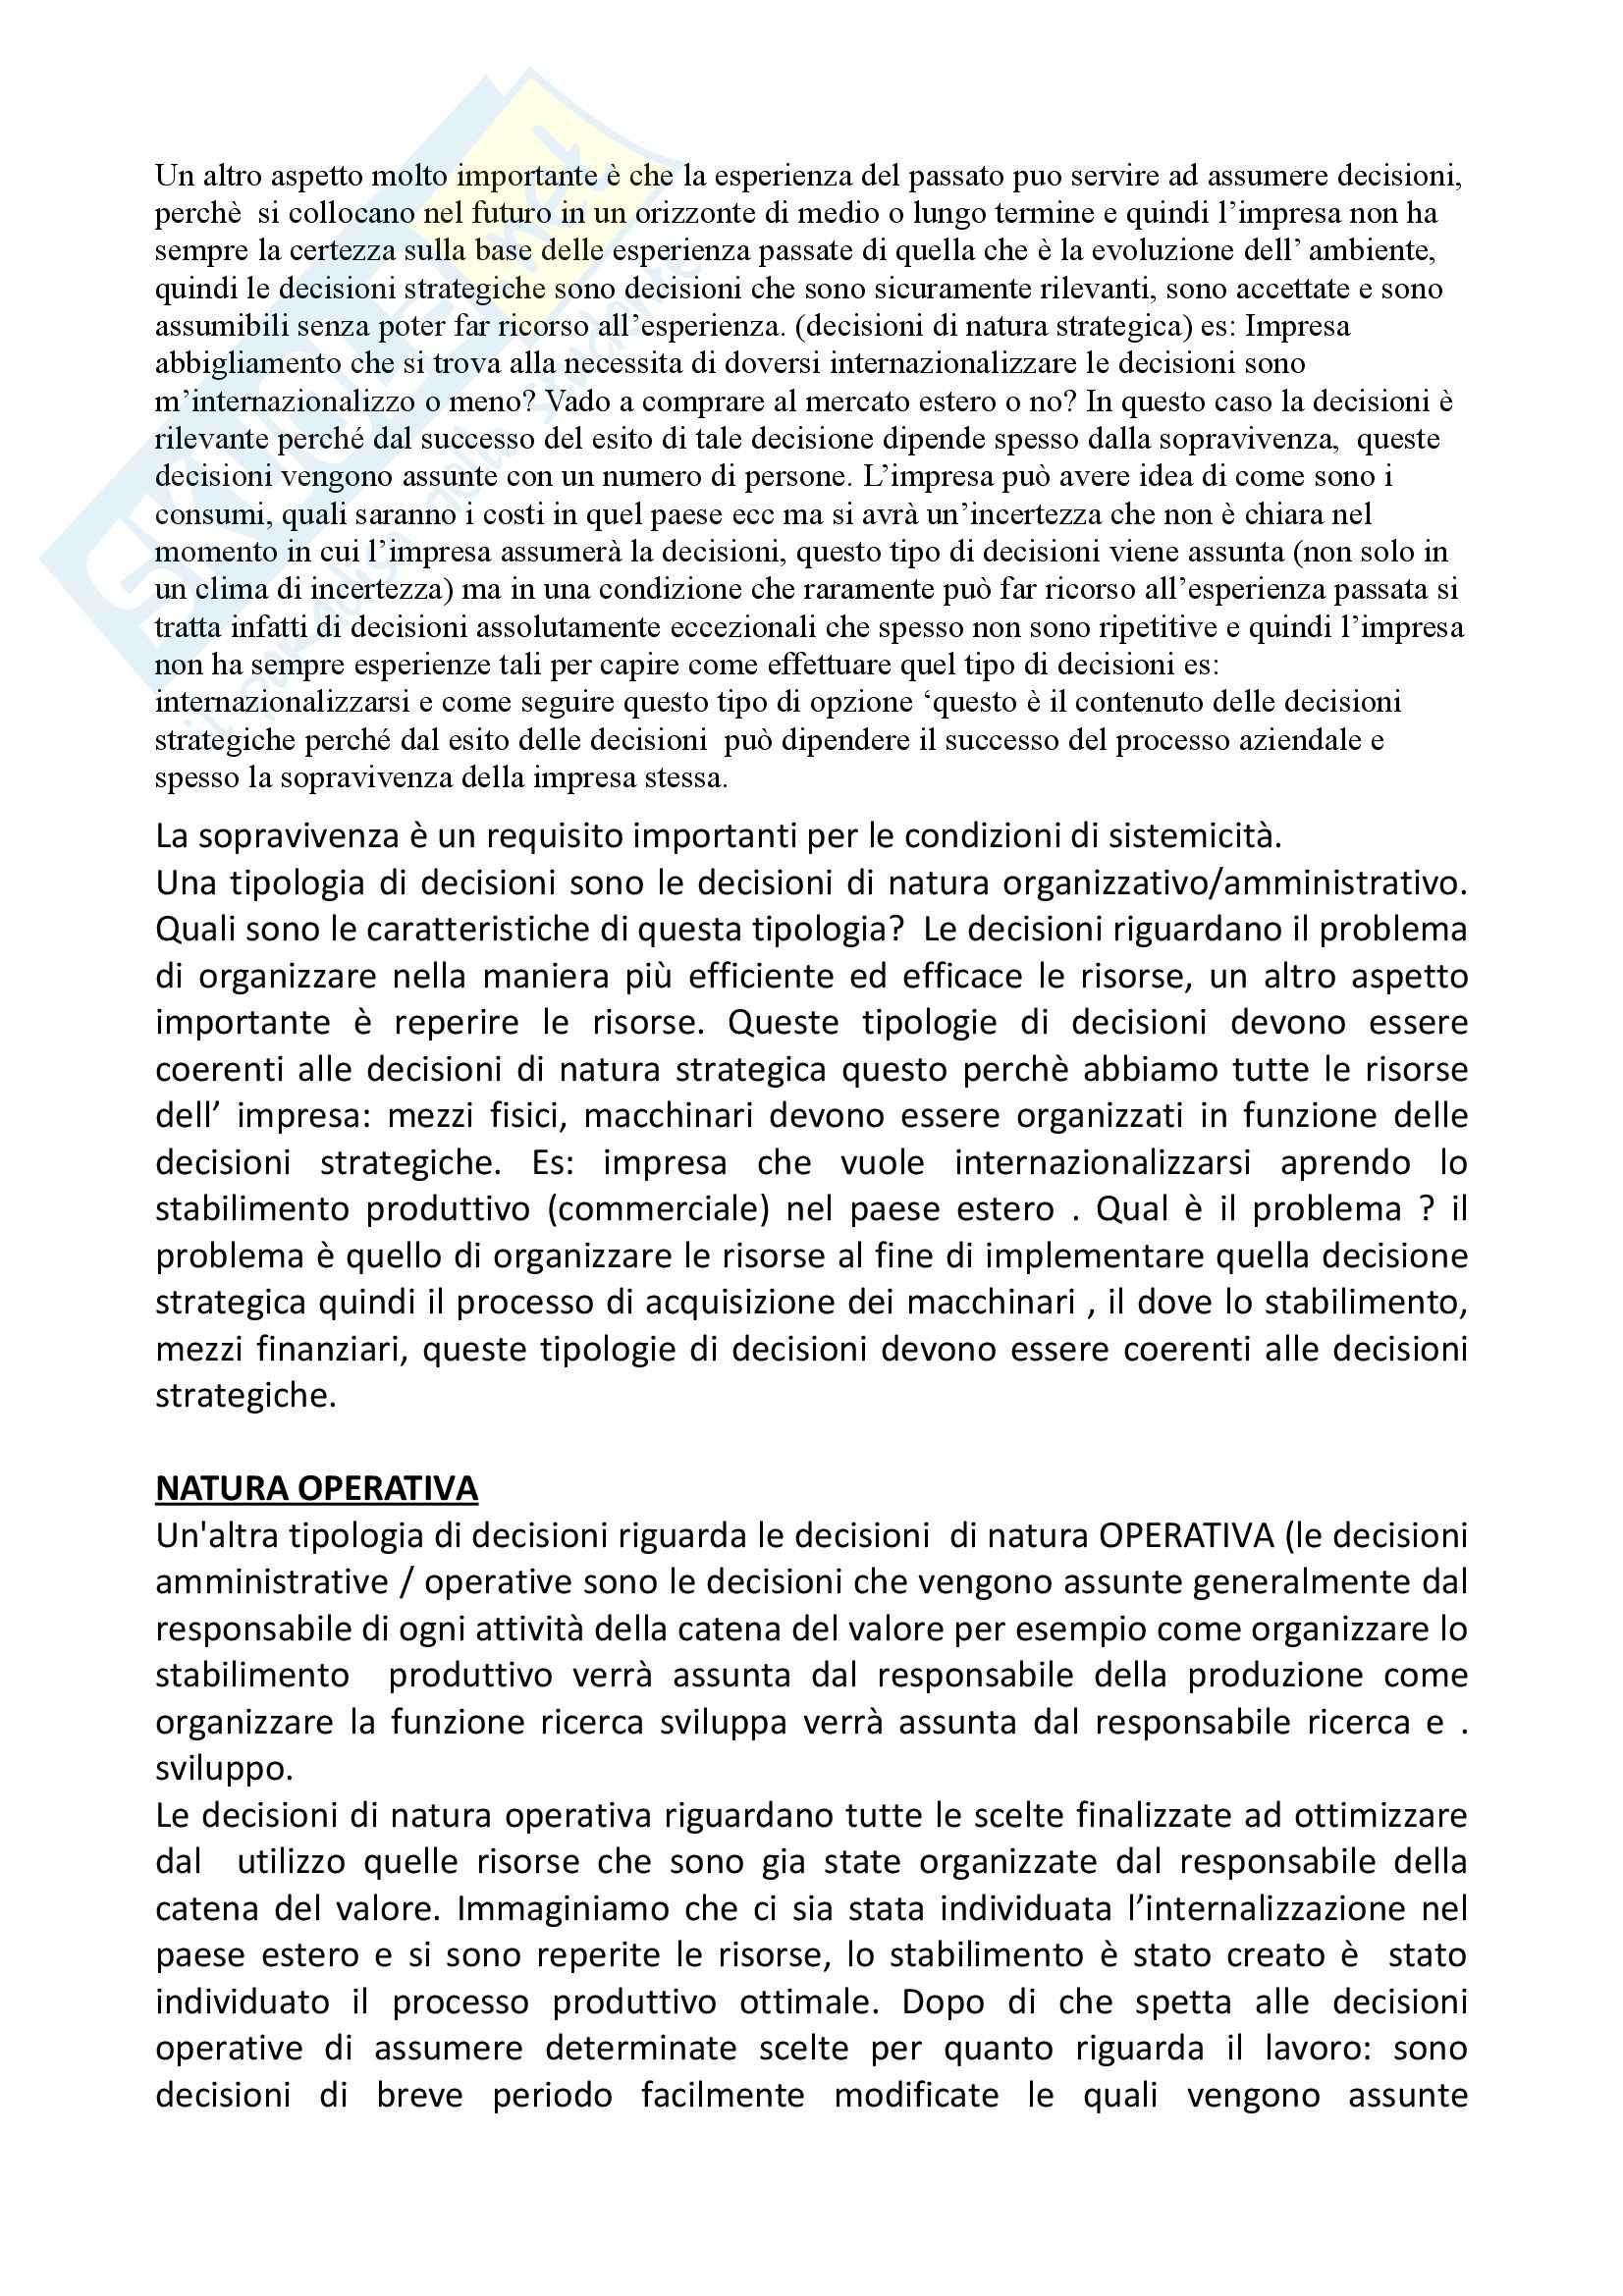 Economia e gestione delle imprese di servizi - Appunti